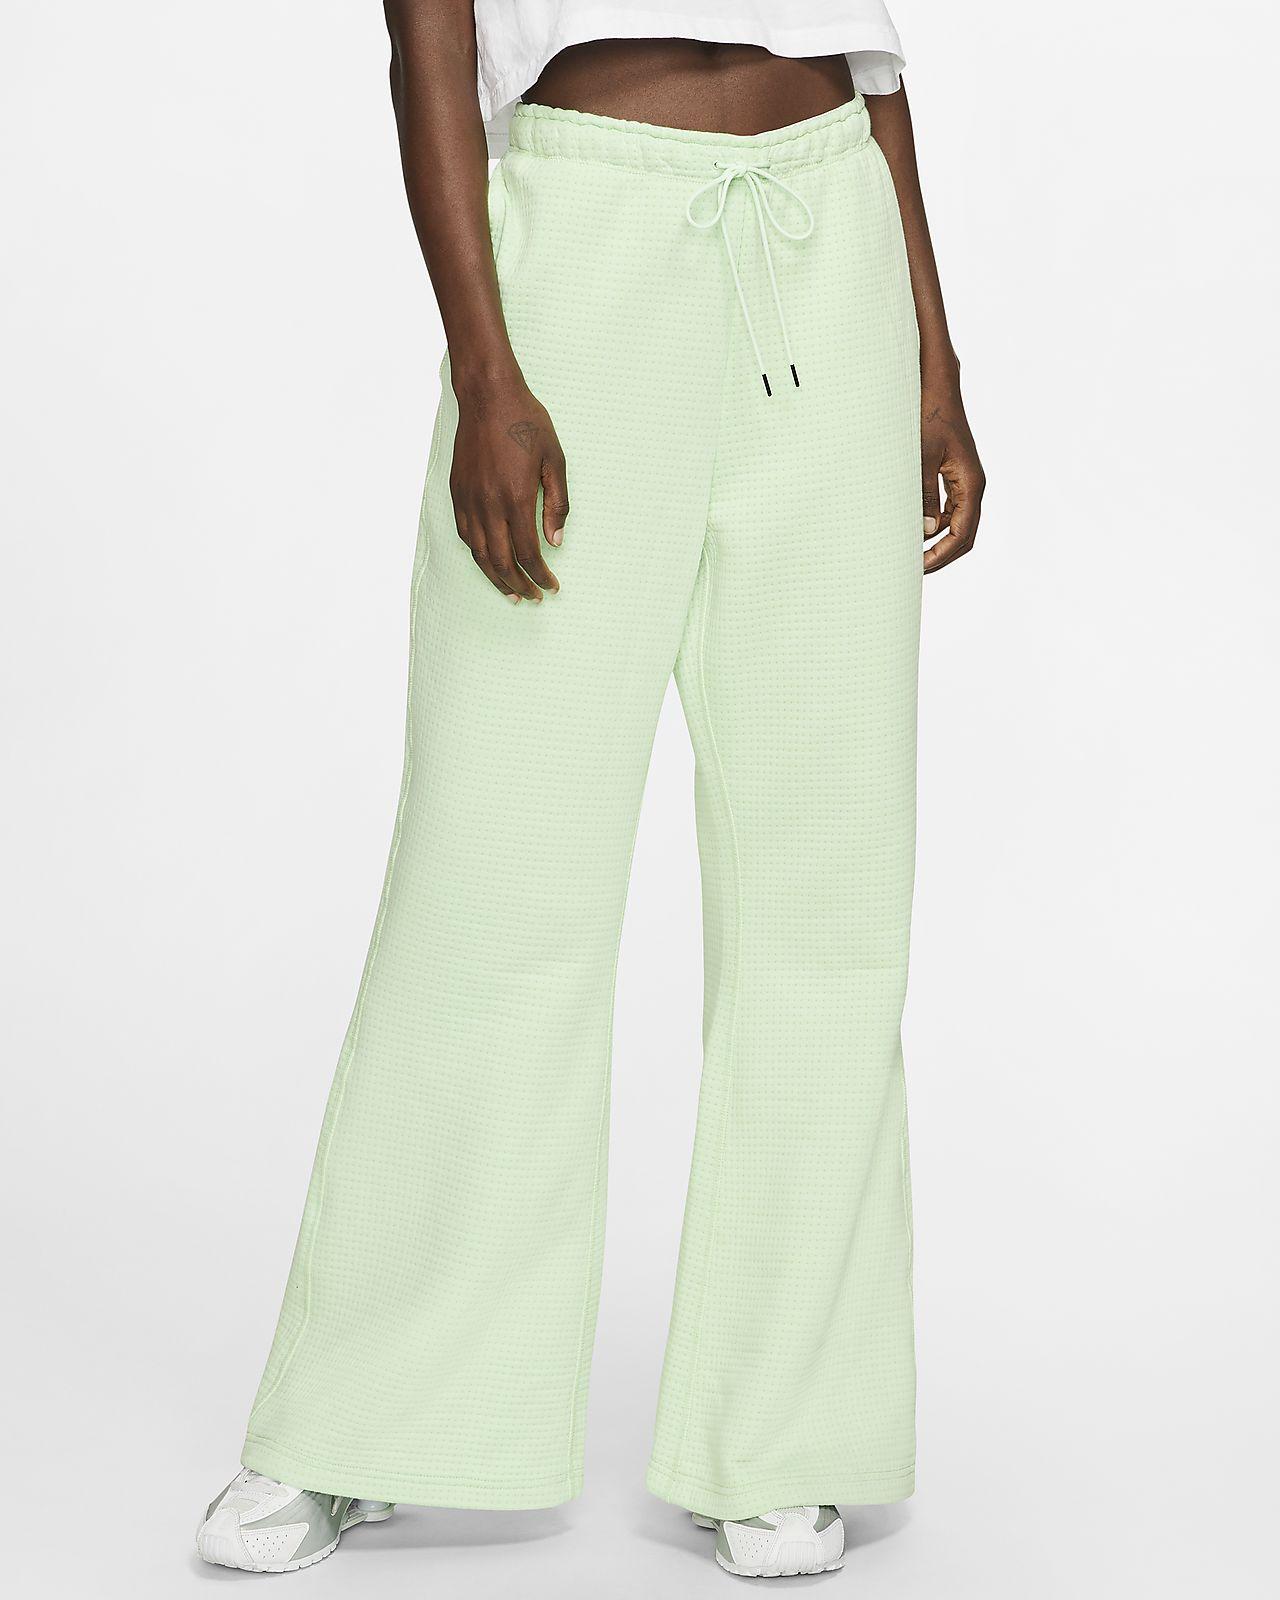 Pantalon Nike Sportswear Tech Fleece ENG pour Femme